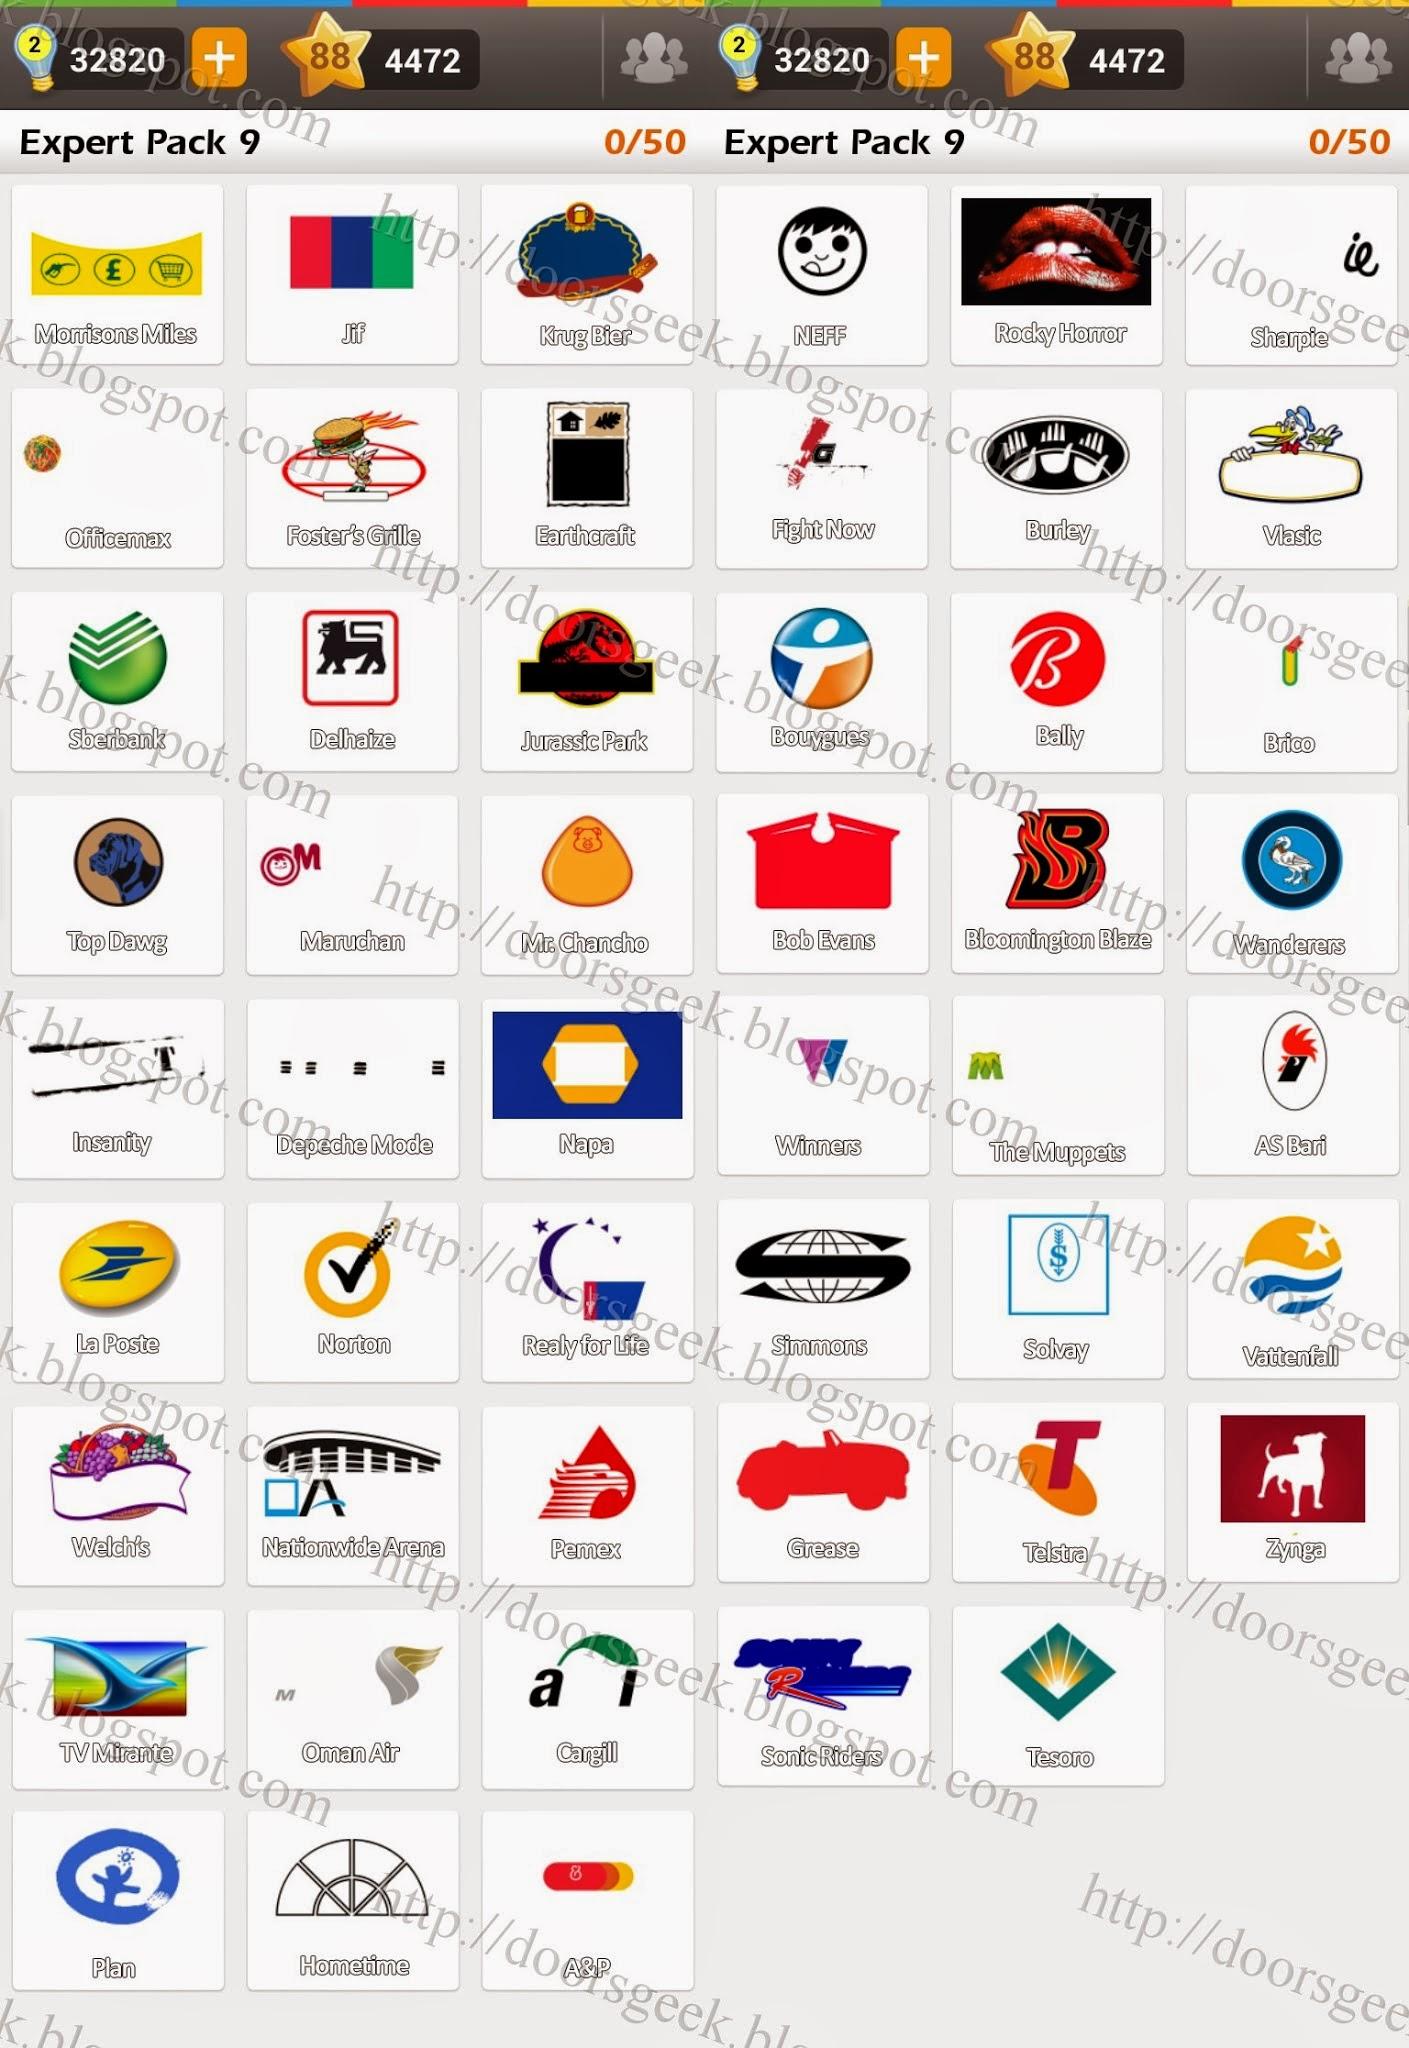 Logo Game: Guess the Brand [Expert] Pack 9 ~ Doors Geek